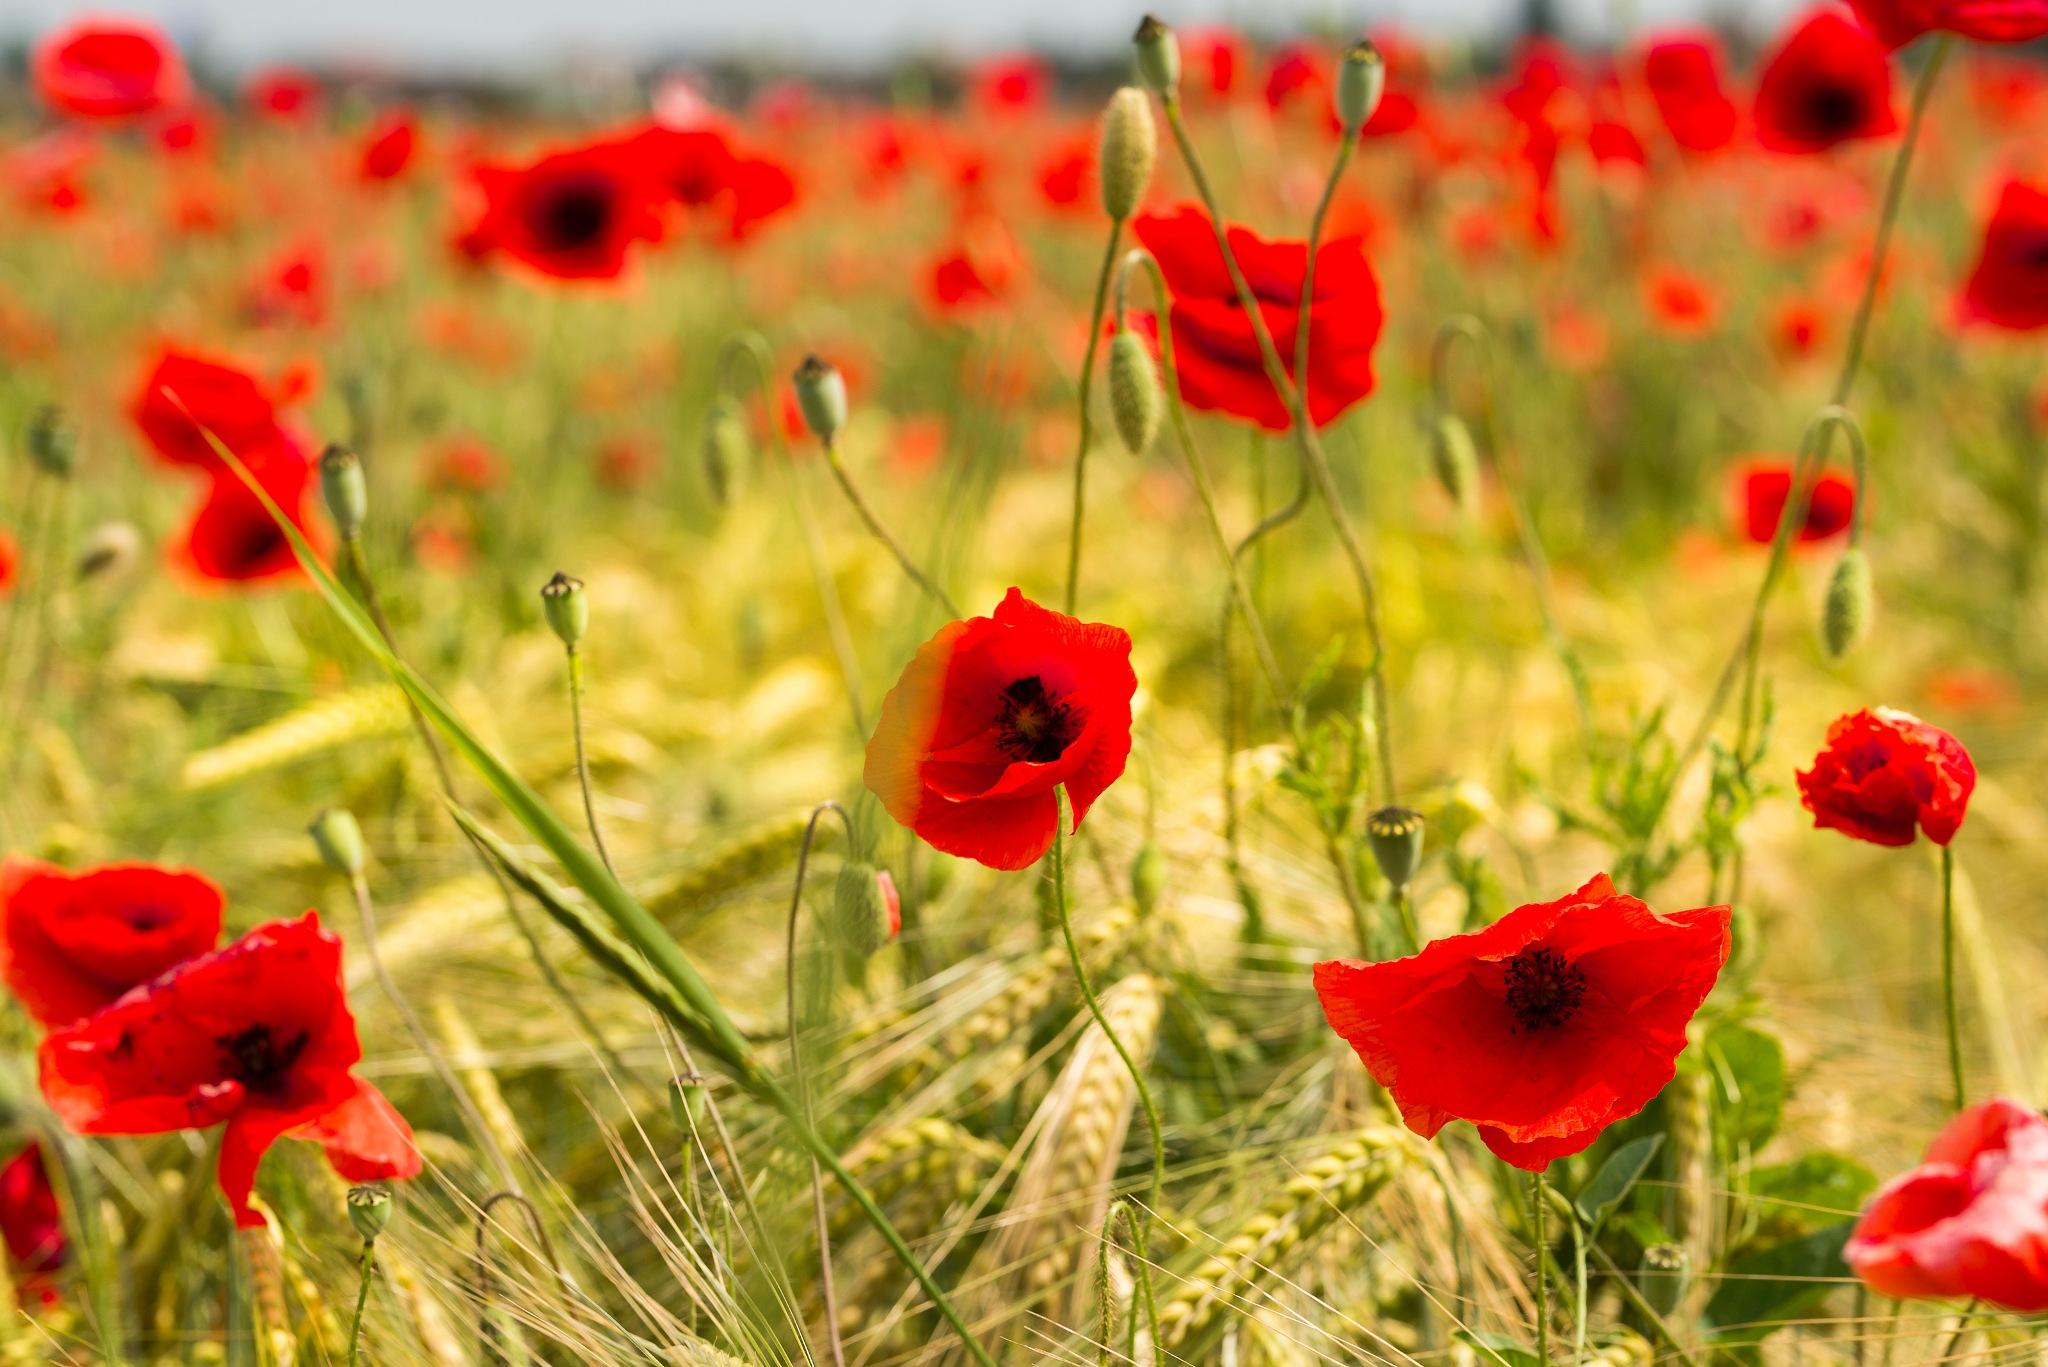 poppy on the field by elu